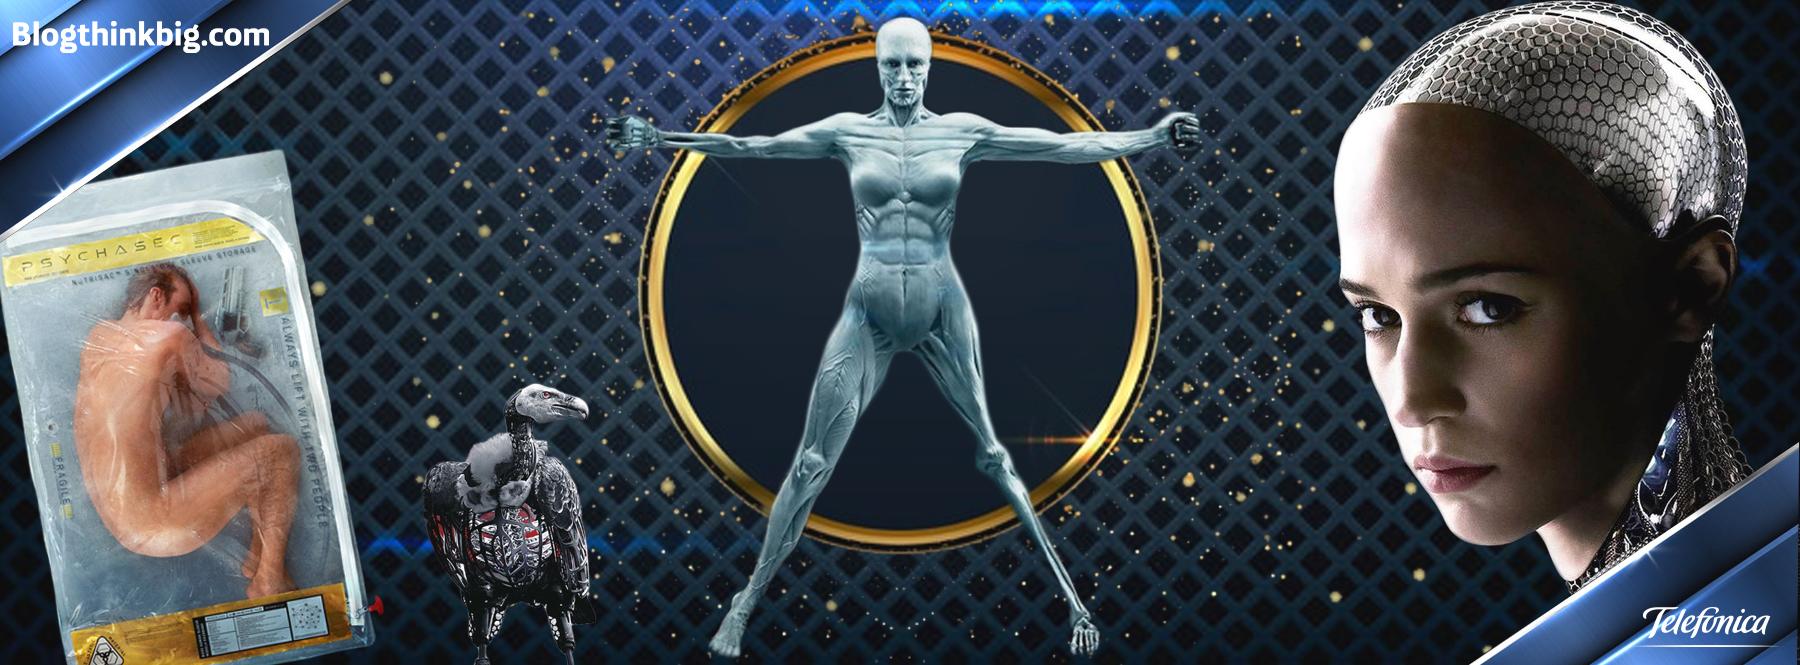 Series donde la Inteligencia Artificial es la protagonista